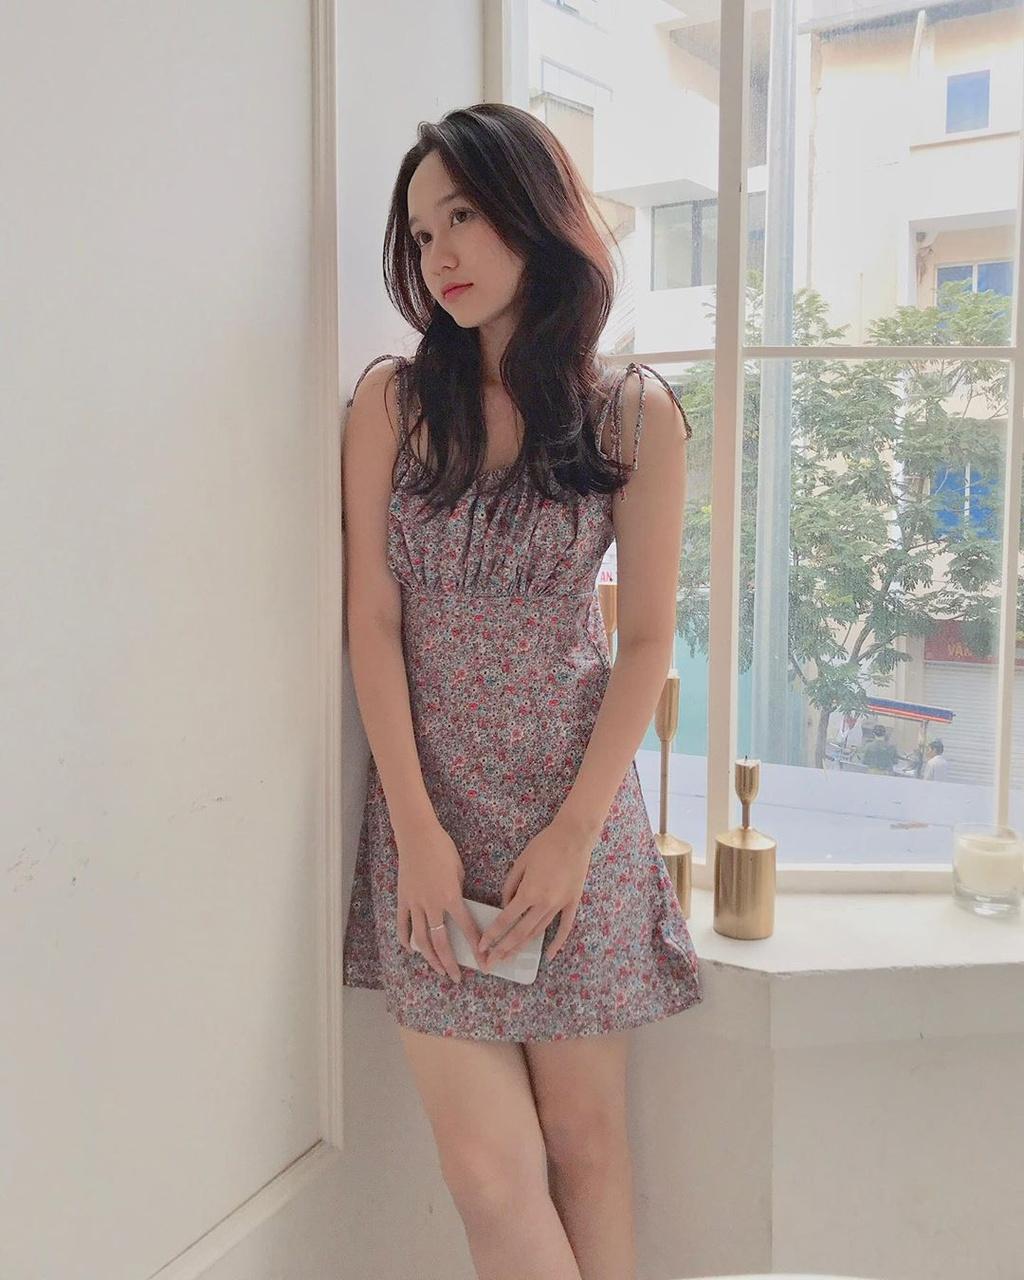 Ha Lan 'Mat biec' chuong style nang tho, Hong thich kieu truong thanh hinh anh 8 58950149_683272992115363_2514772718564194809_n.jpg